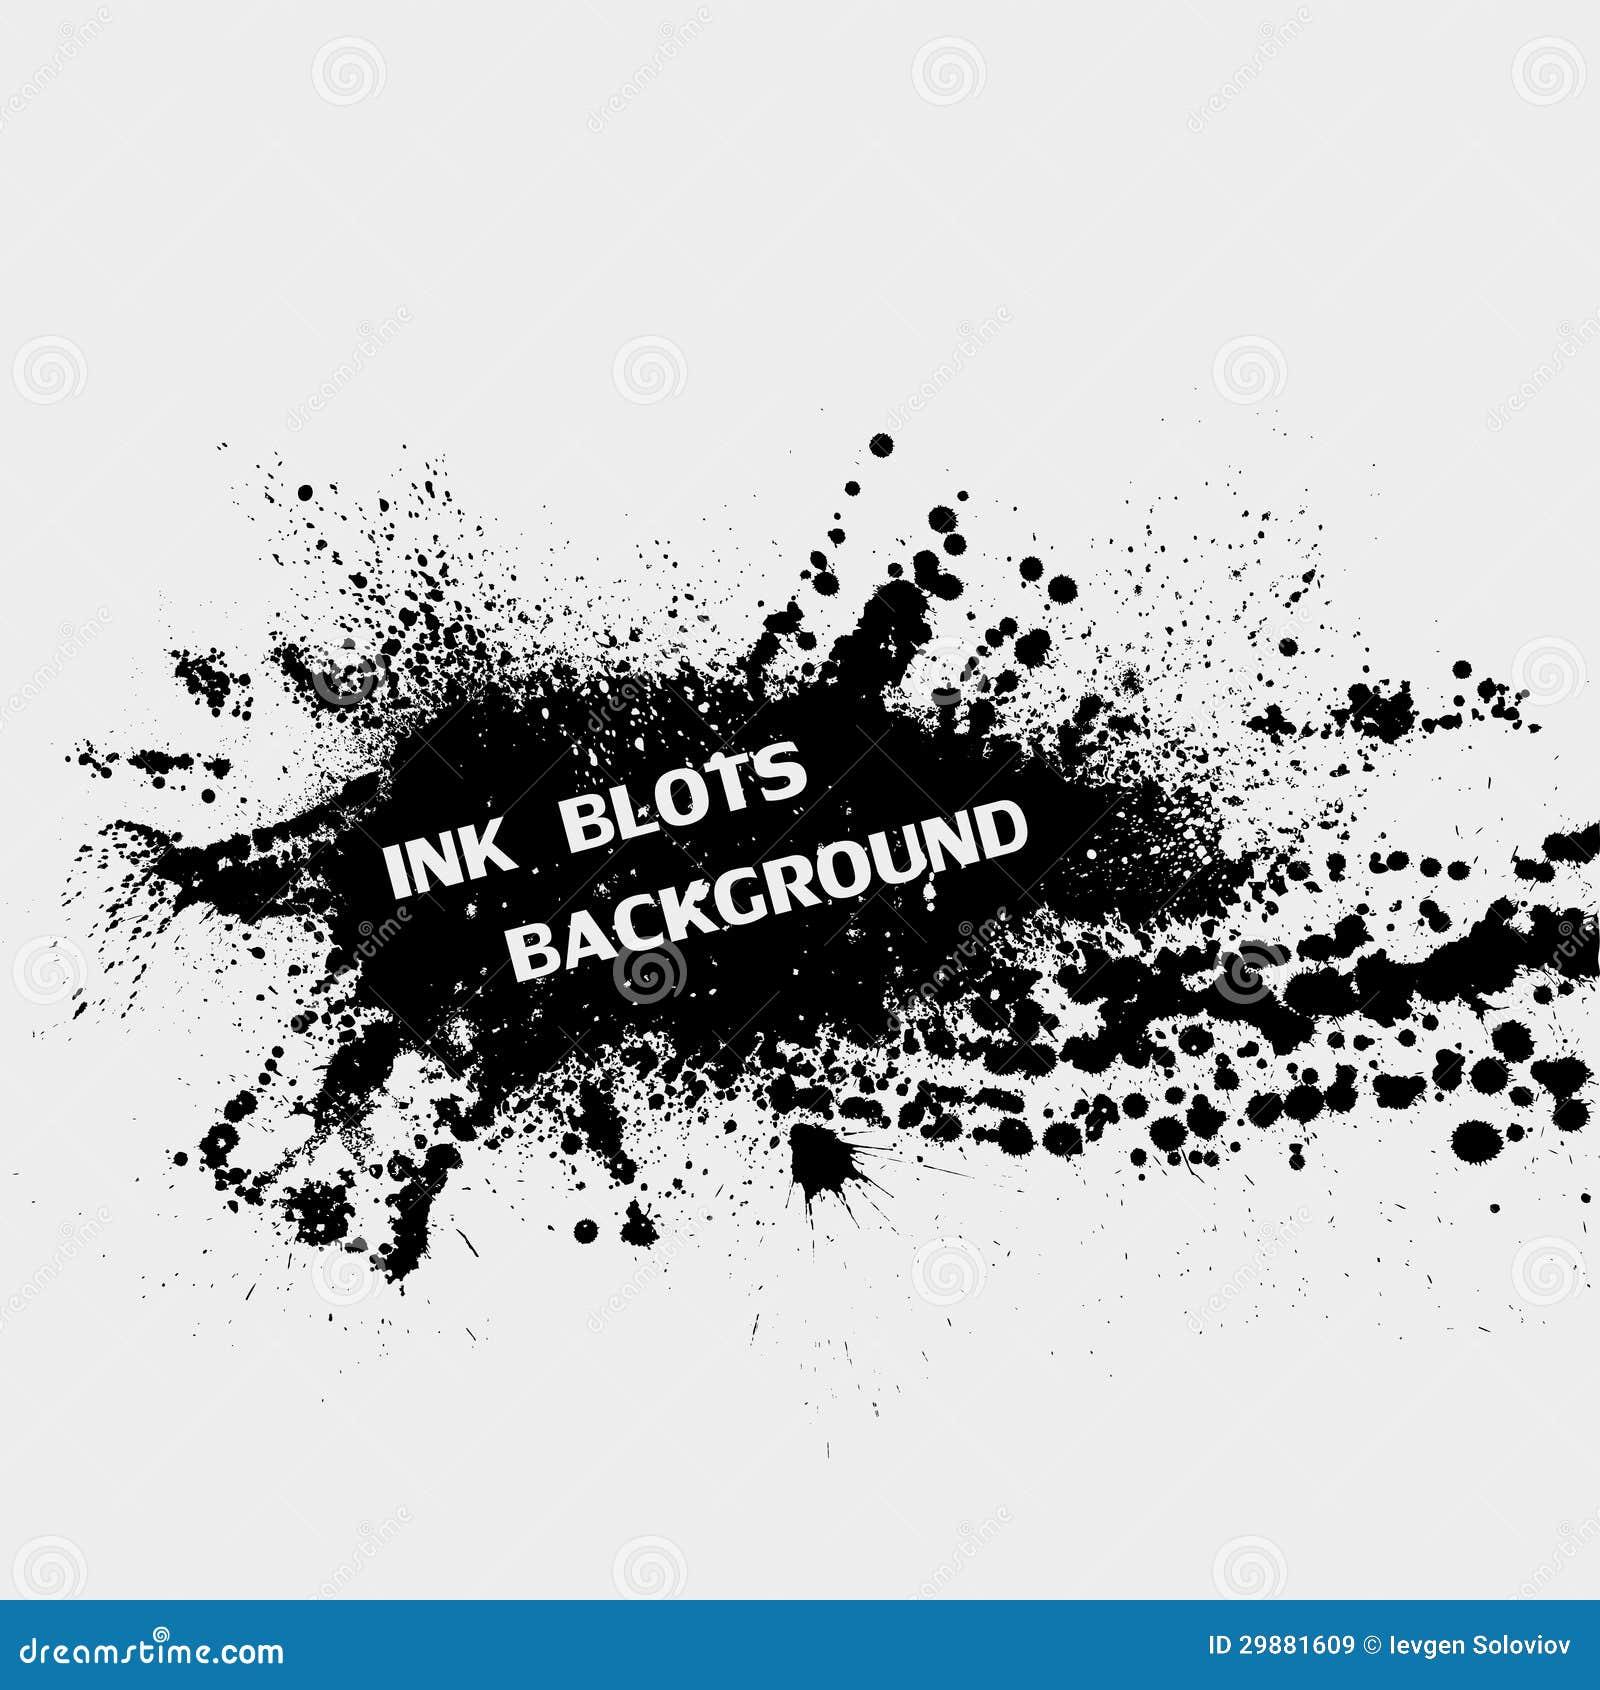 ink blot background - photo #12